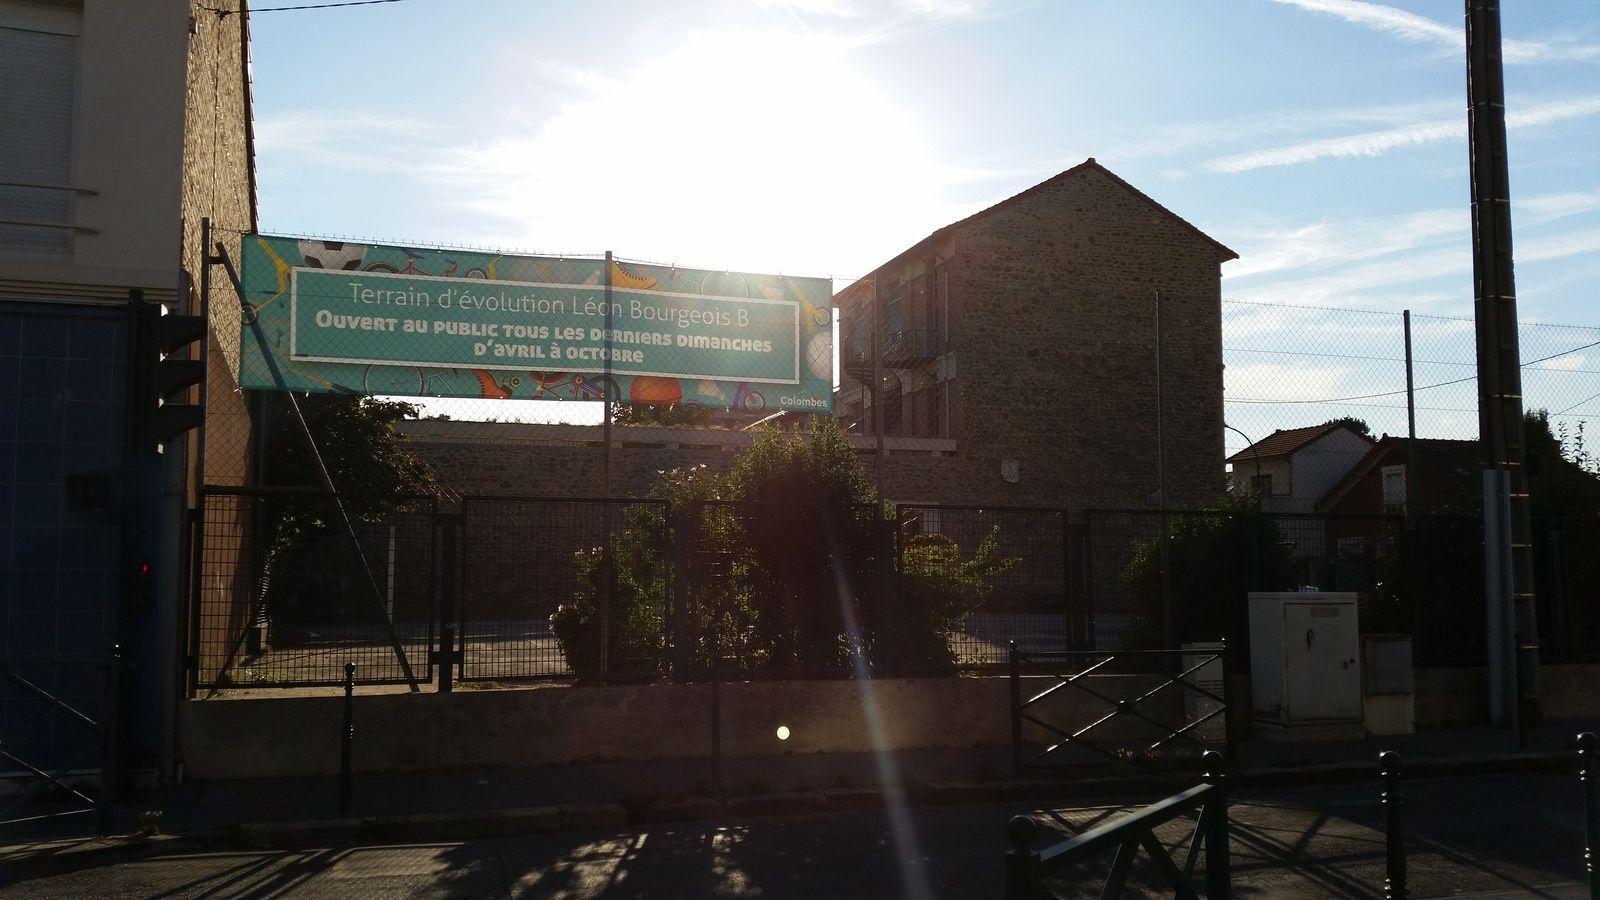 PETITE GARENNE - COLOMBES : ouverture au public ce jour du stade évolution de l'école Léon Bourgeois B